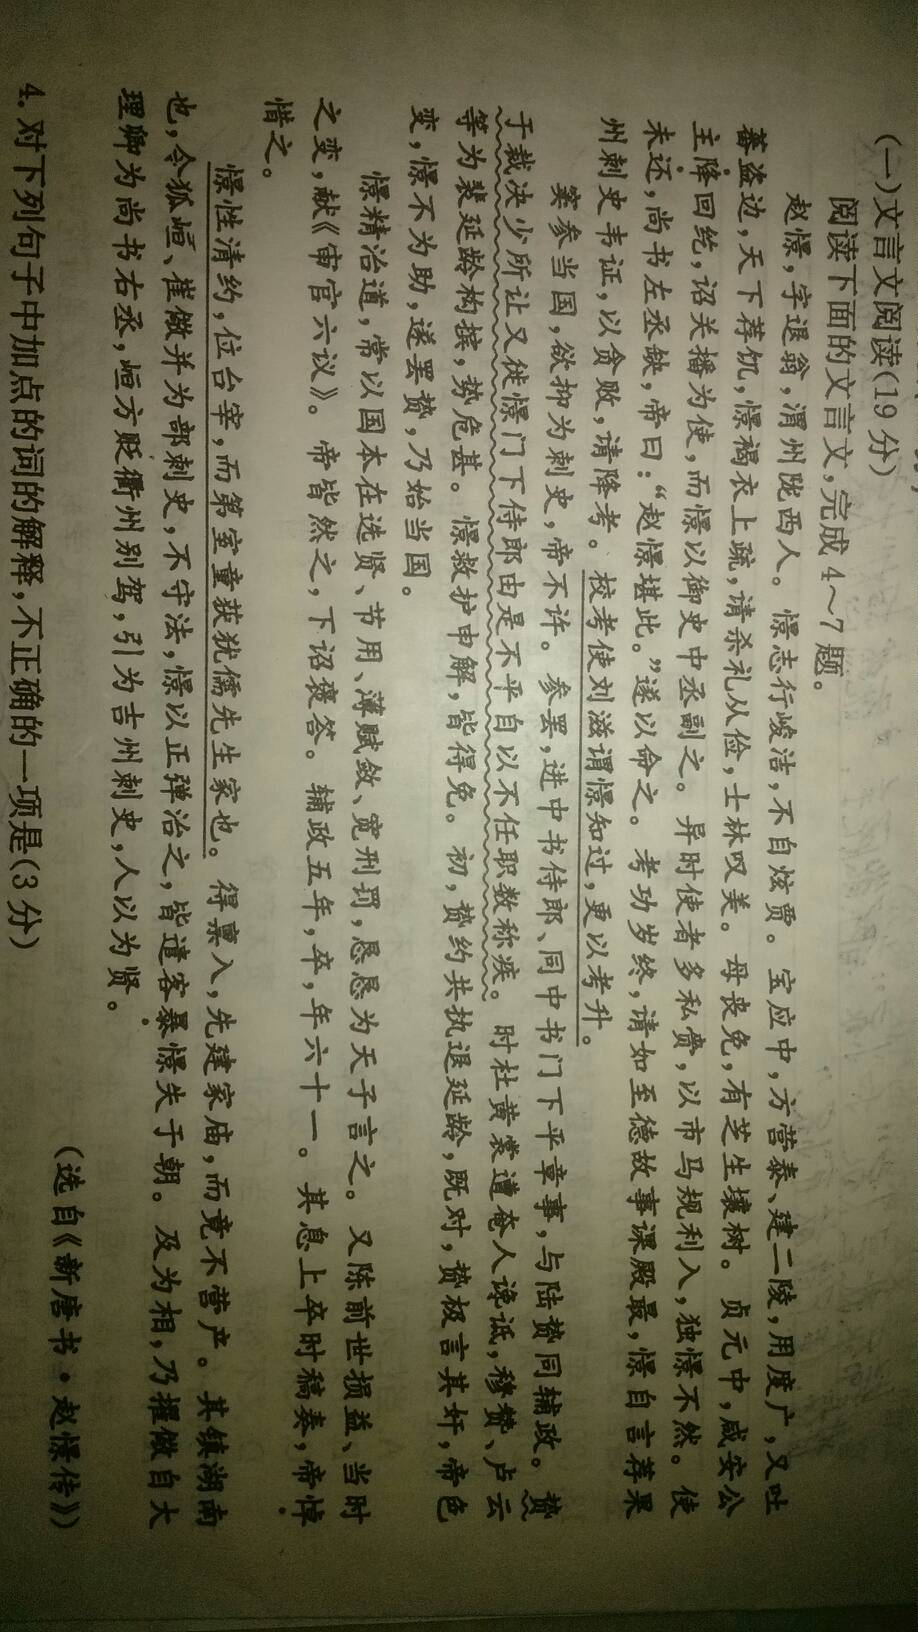 文言文 翻译图片